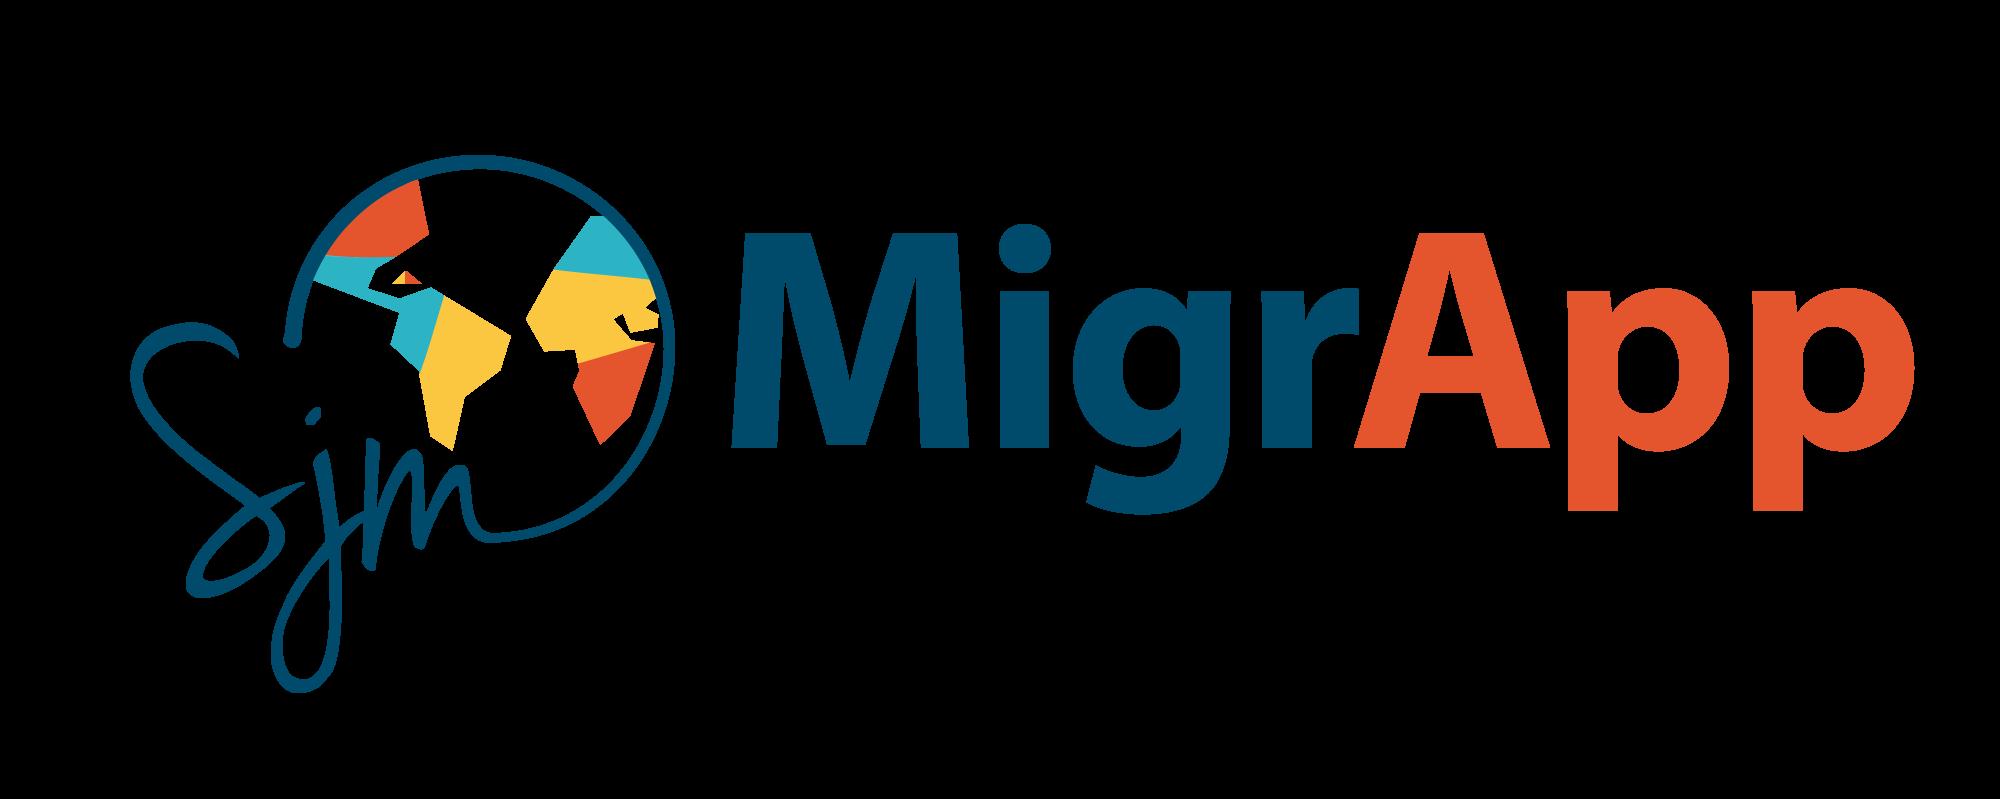 logo-migrapp